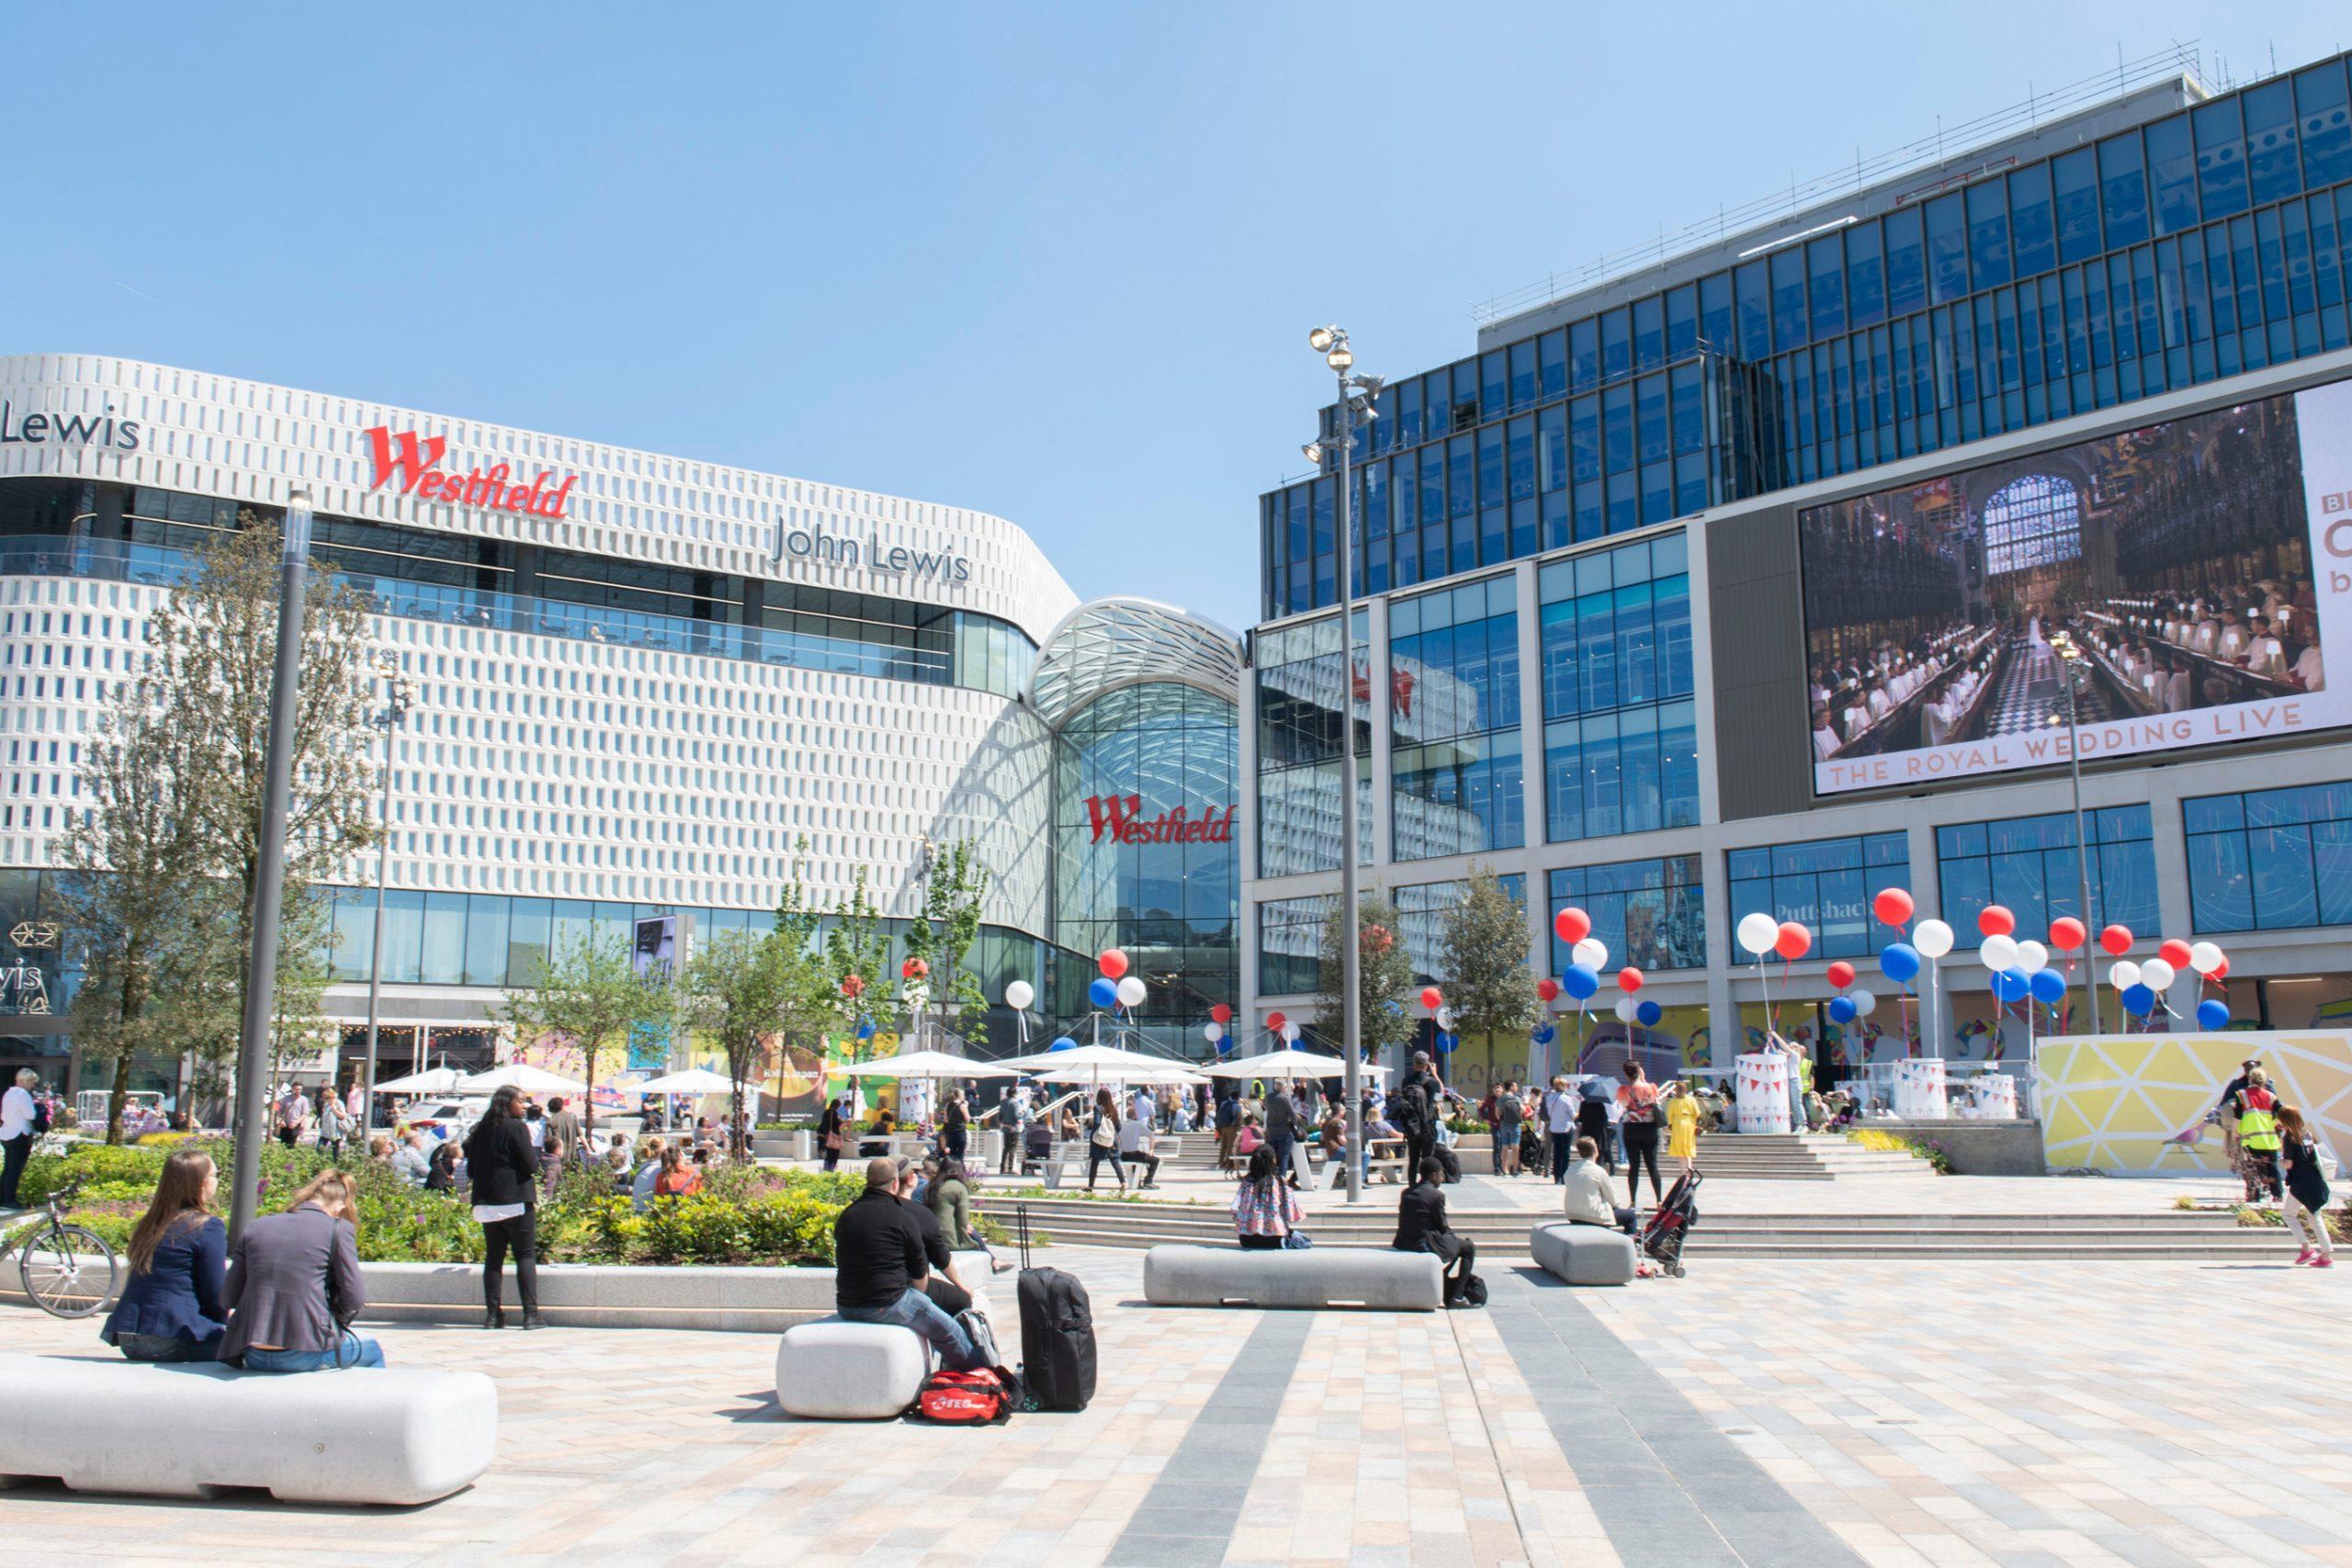 购物中心巨头  Unibail-Rodamco-Westfield 2020财年租金收益下跌28.1%,将继续抛售美国大部分房产